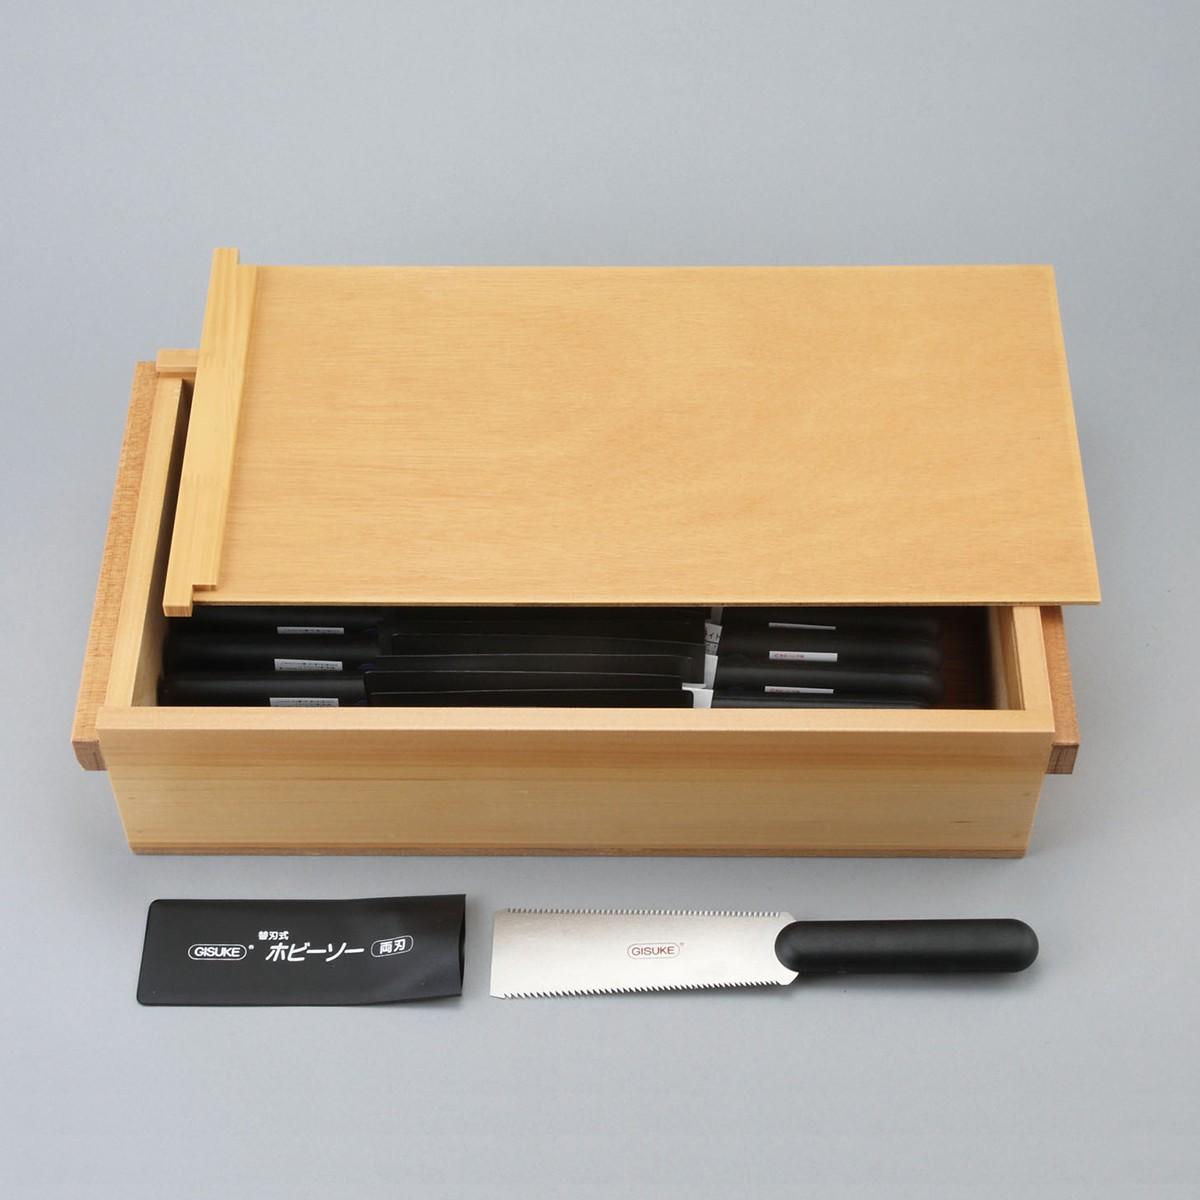 木工・木彫を楽しもう ジュニア両刃のこ ホビーソー2 20丁組 木箱入 【 木工 木彫 木工具 のこぎり セット 】